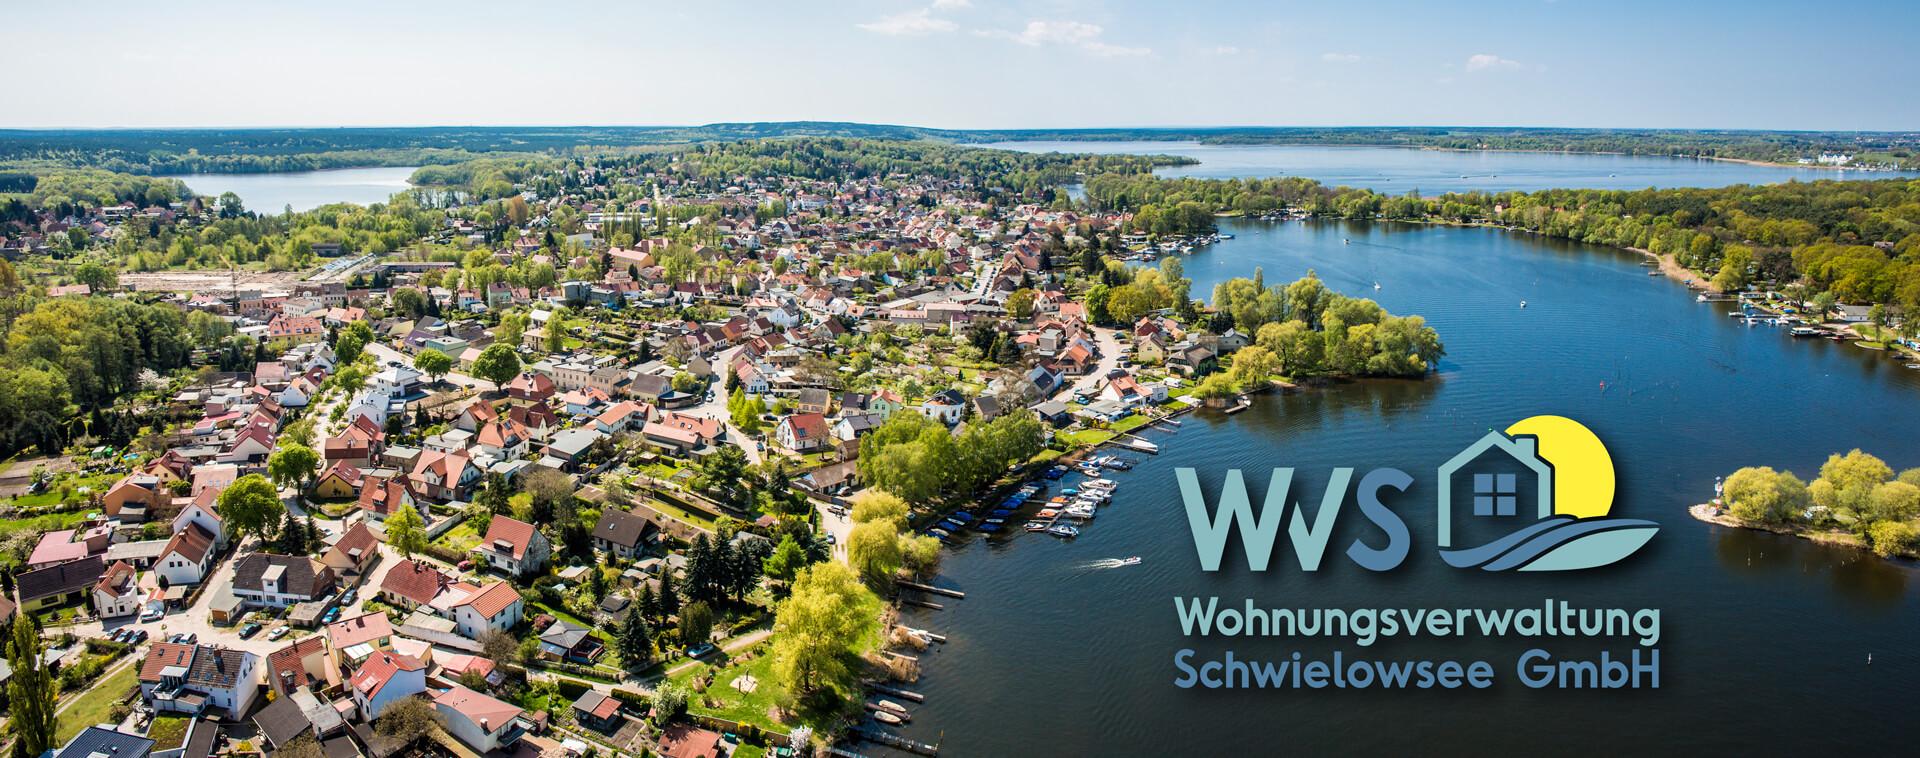 Luftaufnahme von den drei Ortsteilen Caputh, Frech und Geltow der Gemeinde Schwielowsee